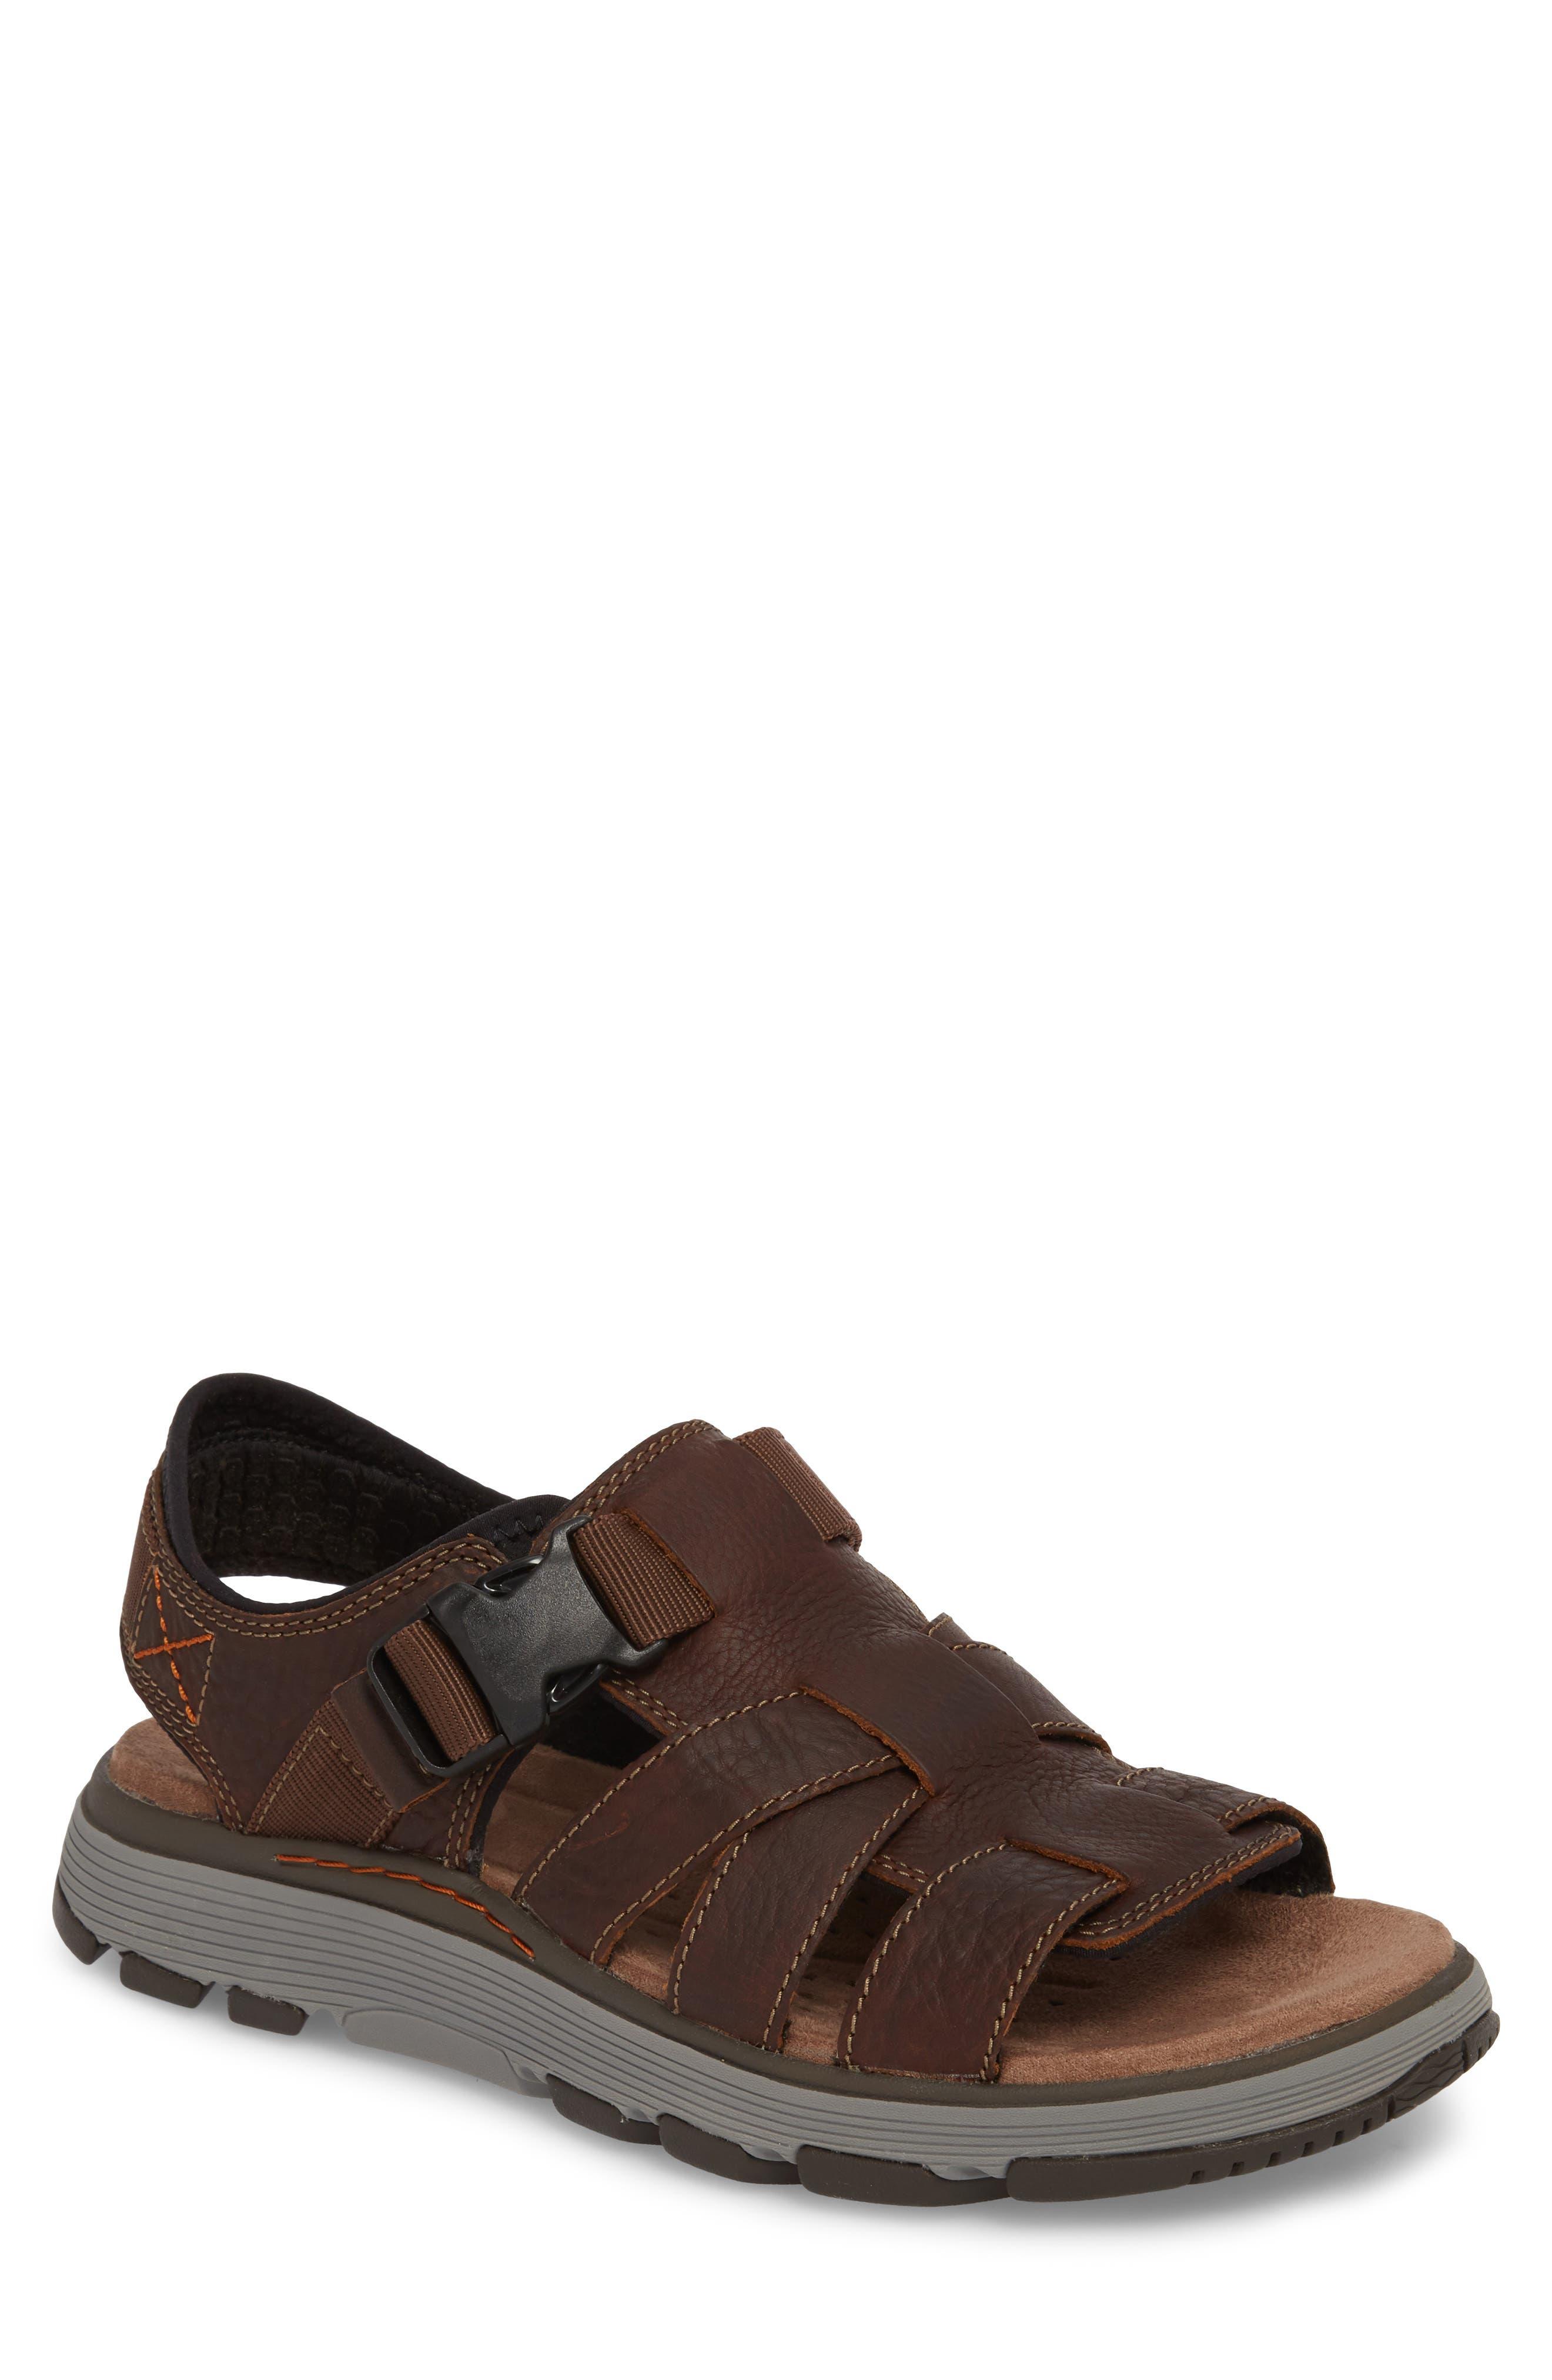 Clarks<sup>®</sup> Untrek Cove Fisherman Sandal,                             Main thumbnail 1, color,                             Dark Tan Leather